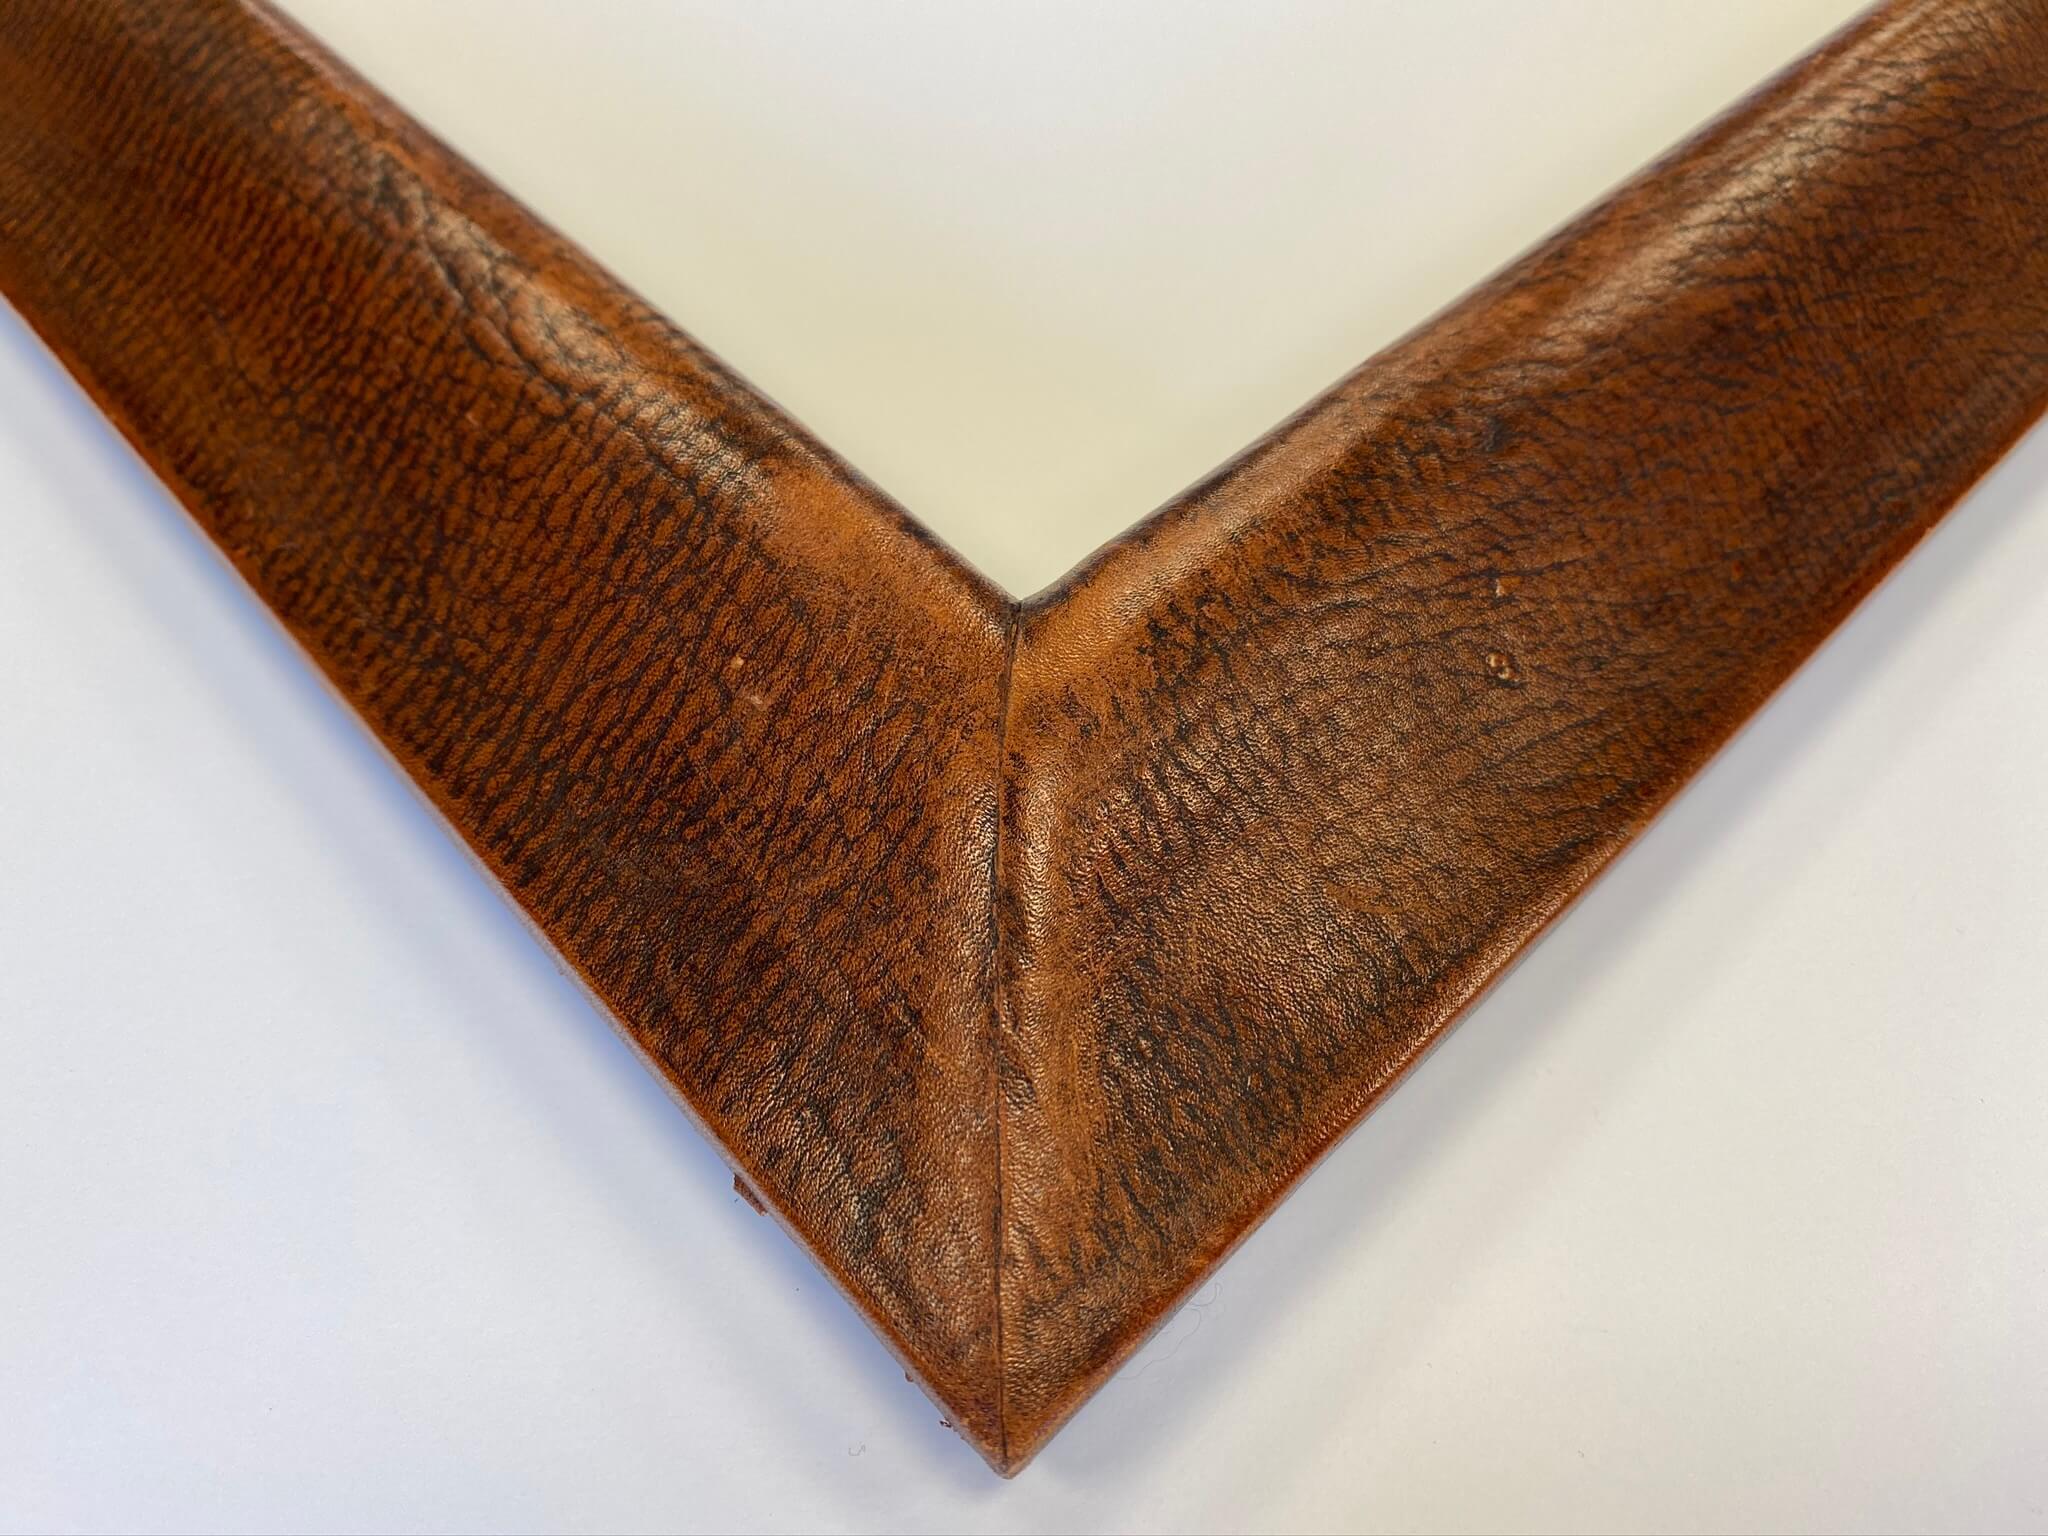 Aged brown leather custom frame chicago, custom frame nashville, April Hann Lanford Artmill Group